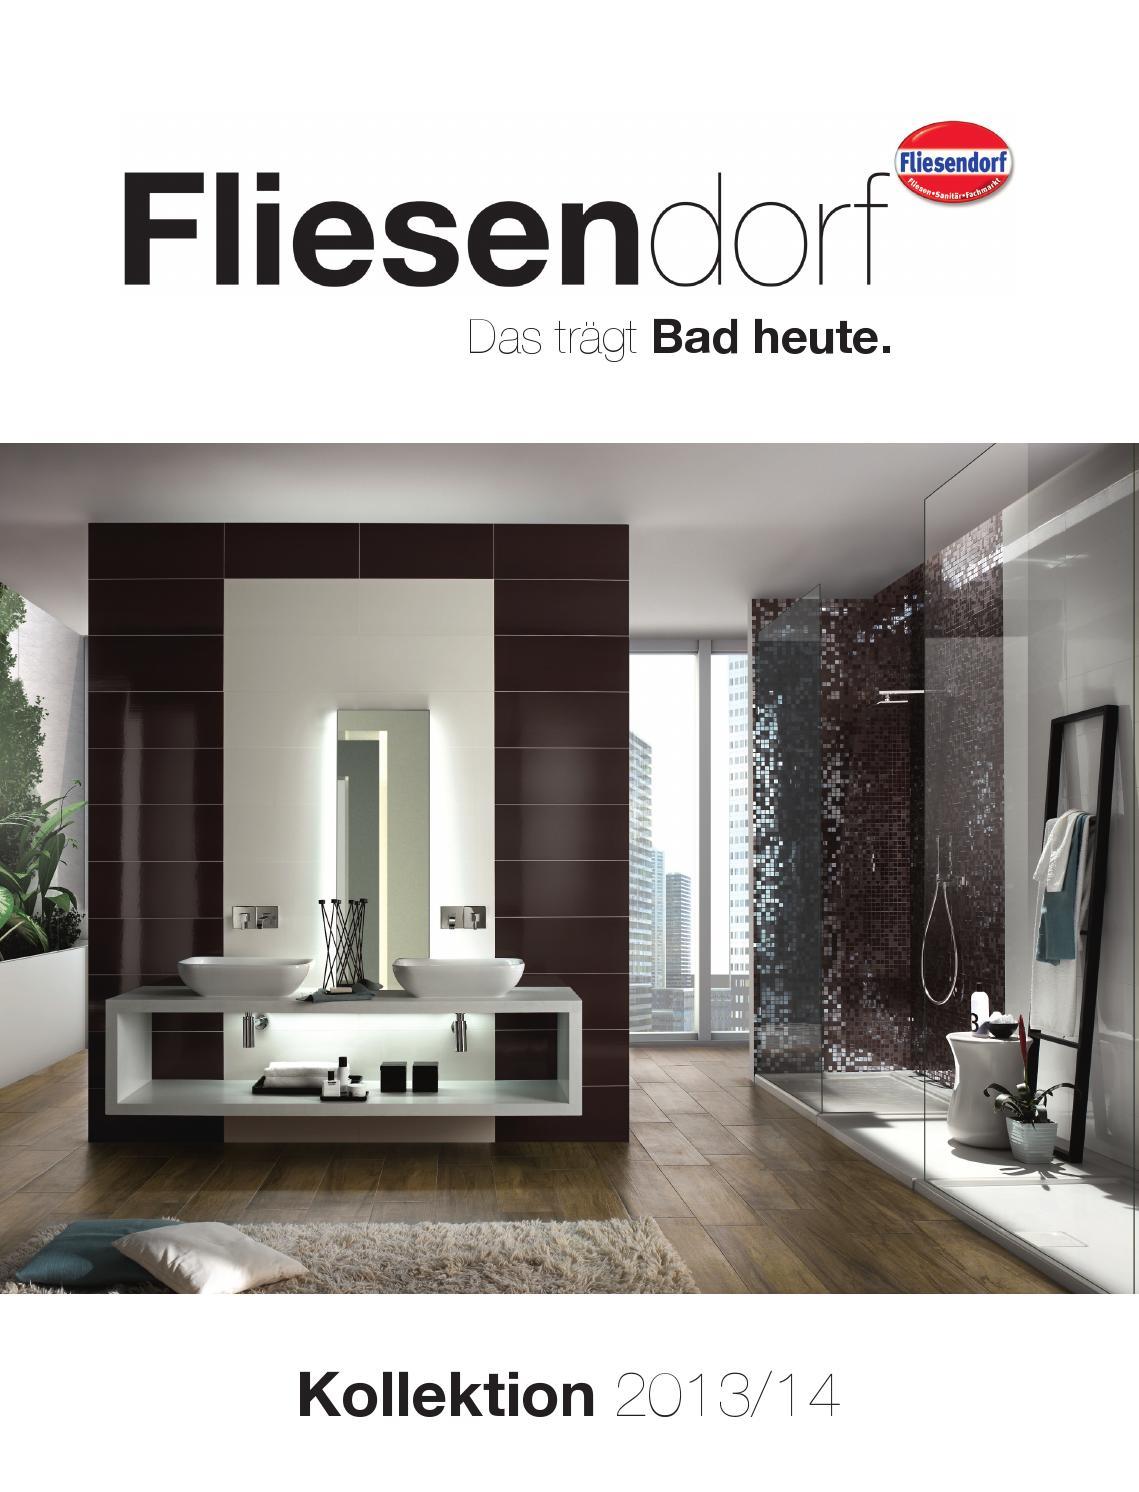 Fliesendorf Katalog 2013 By Fliesendorf.at   Issuu